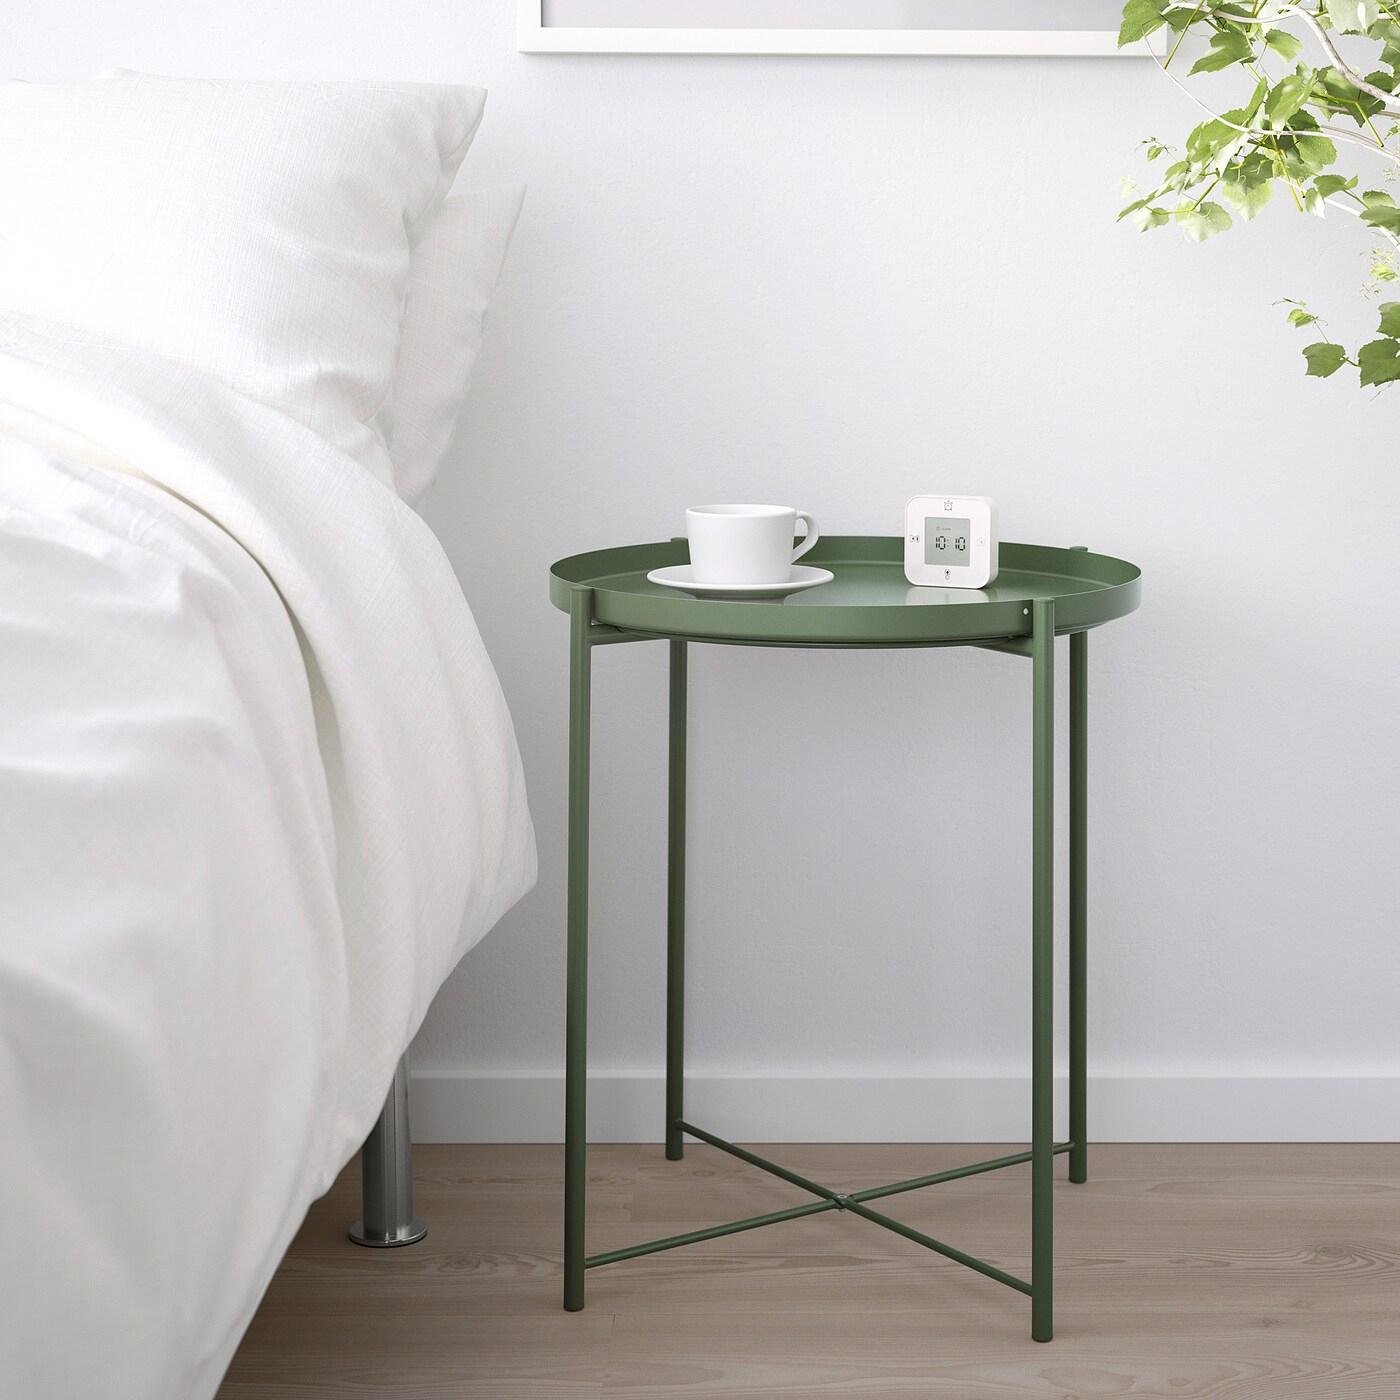 Gladom Table/plateau - Vert Foncé 45X53 Cm à Mobilier De Jardin Ikea